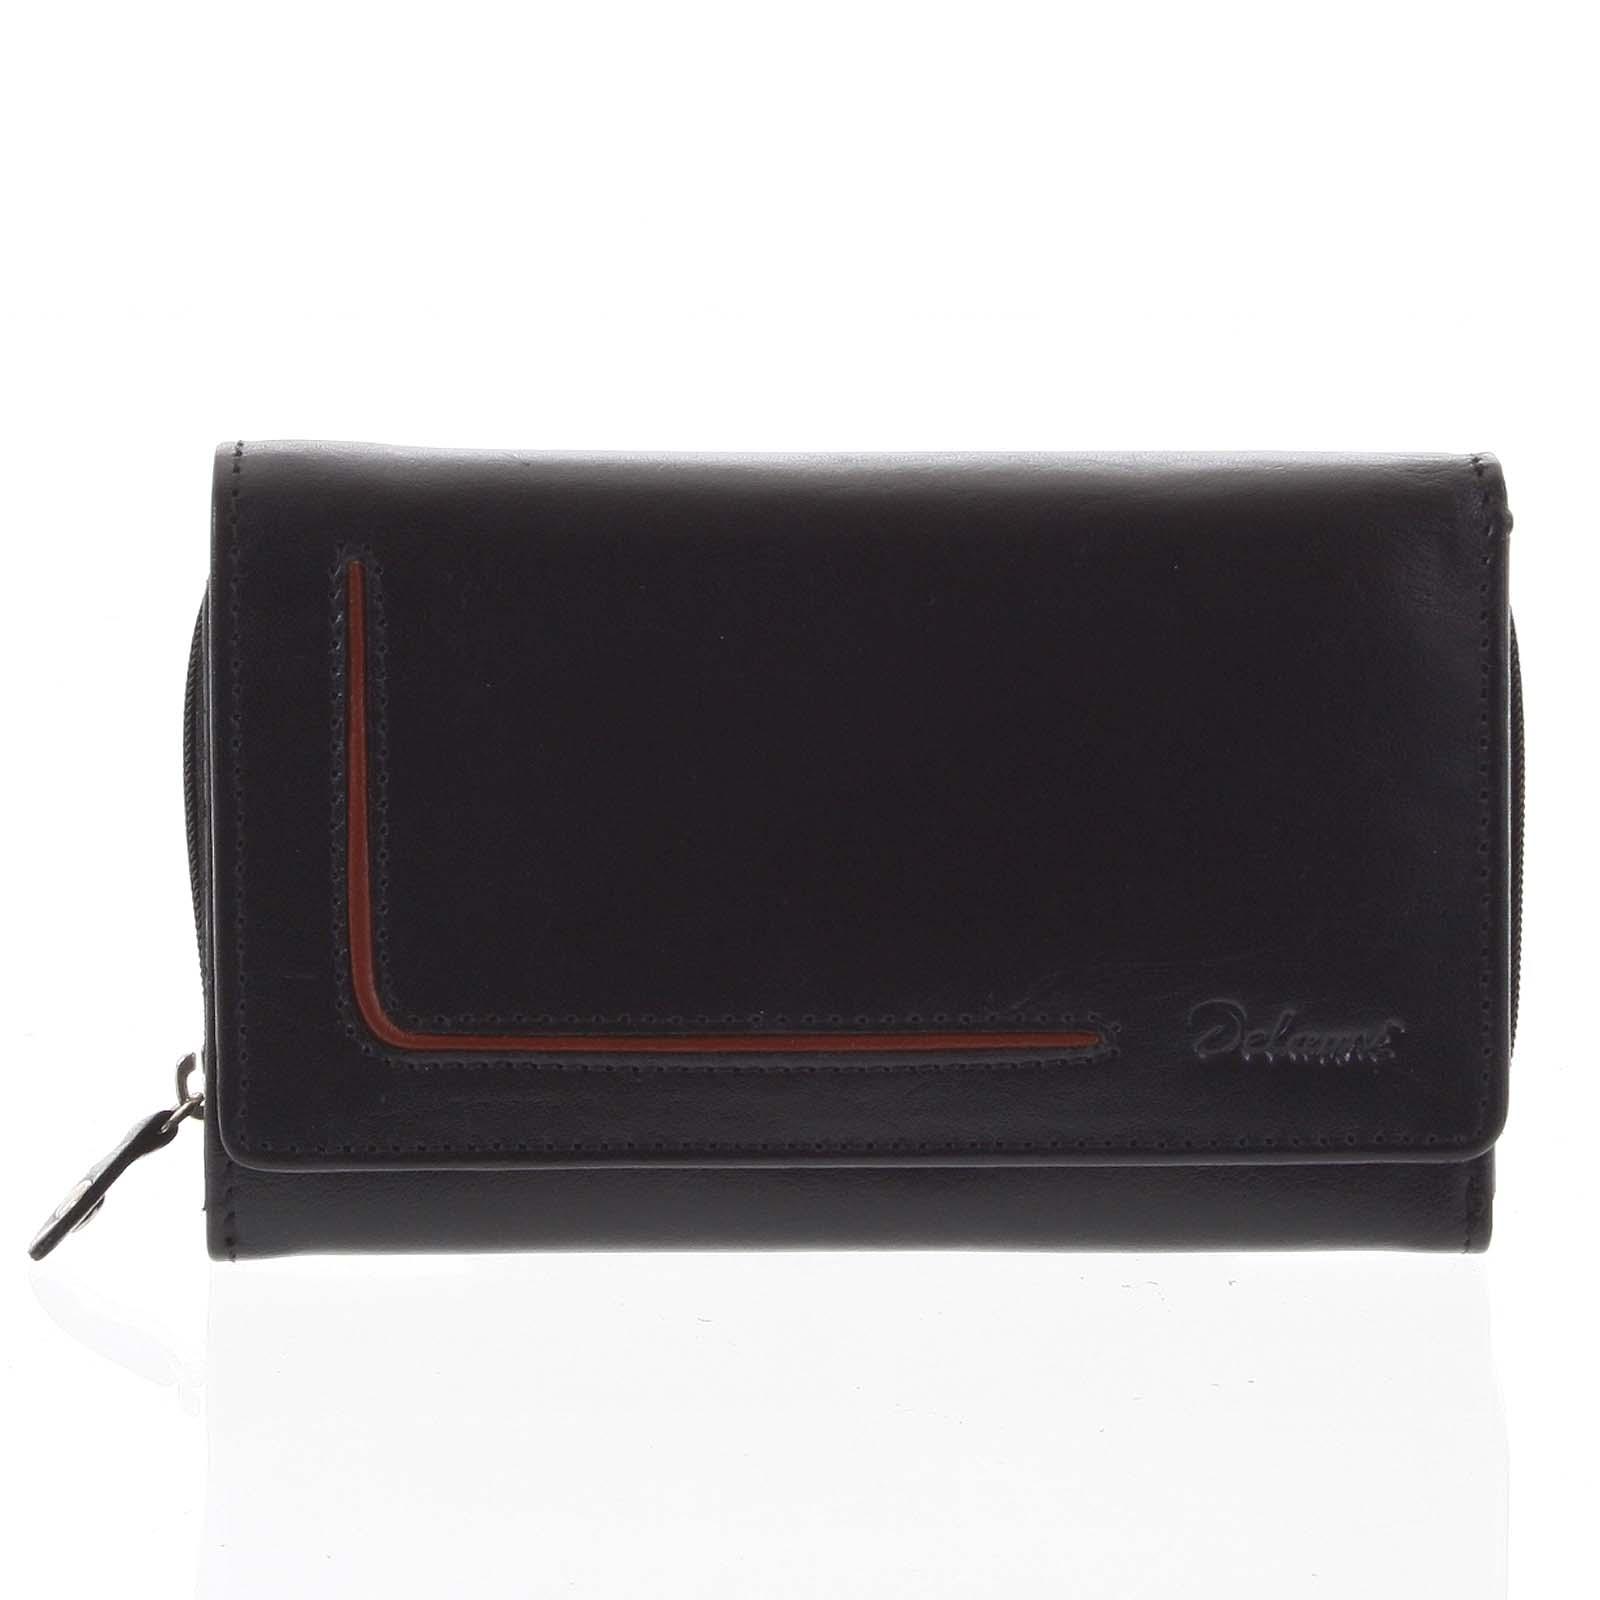 Dámská kožená peněženka černá - Delami Nuria